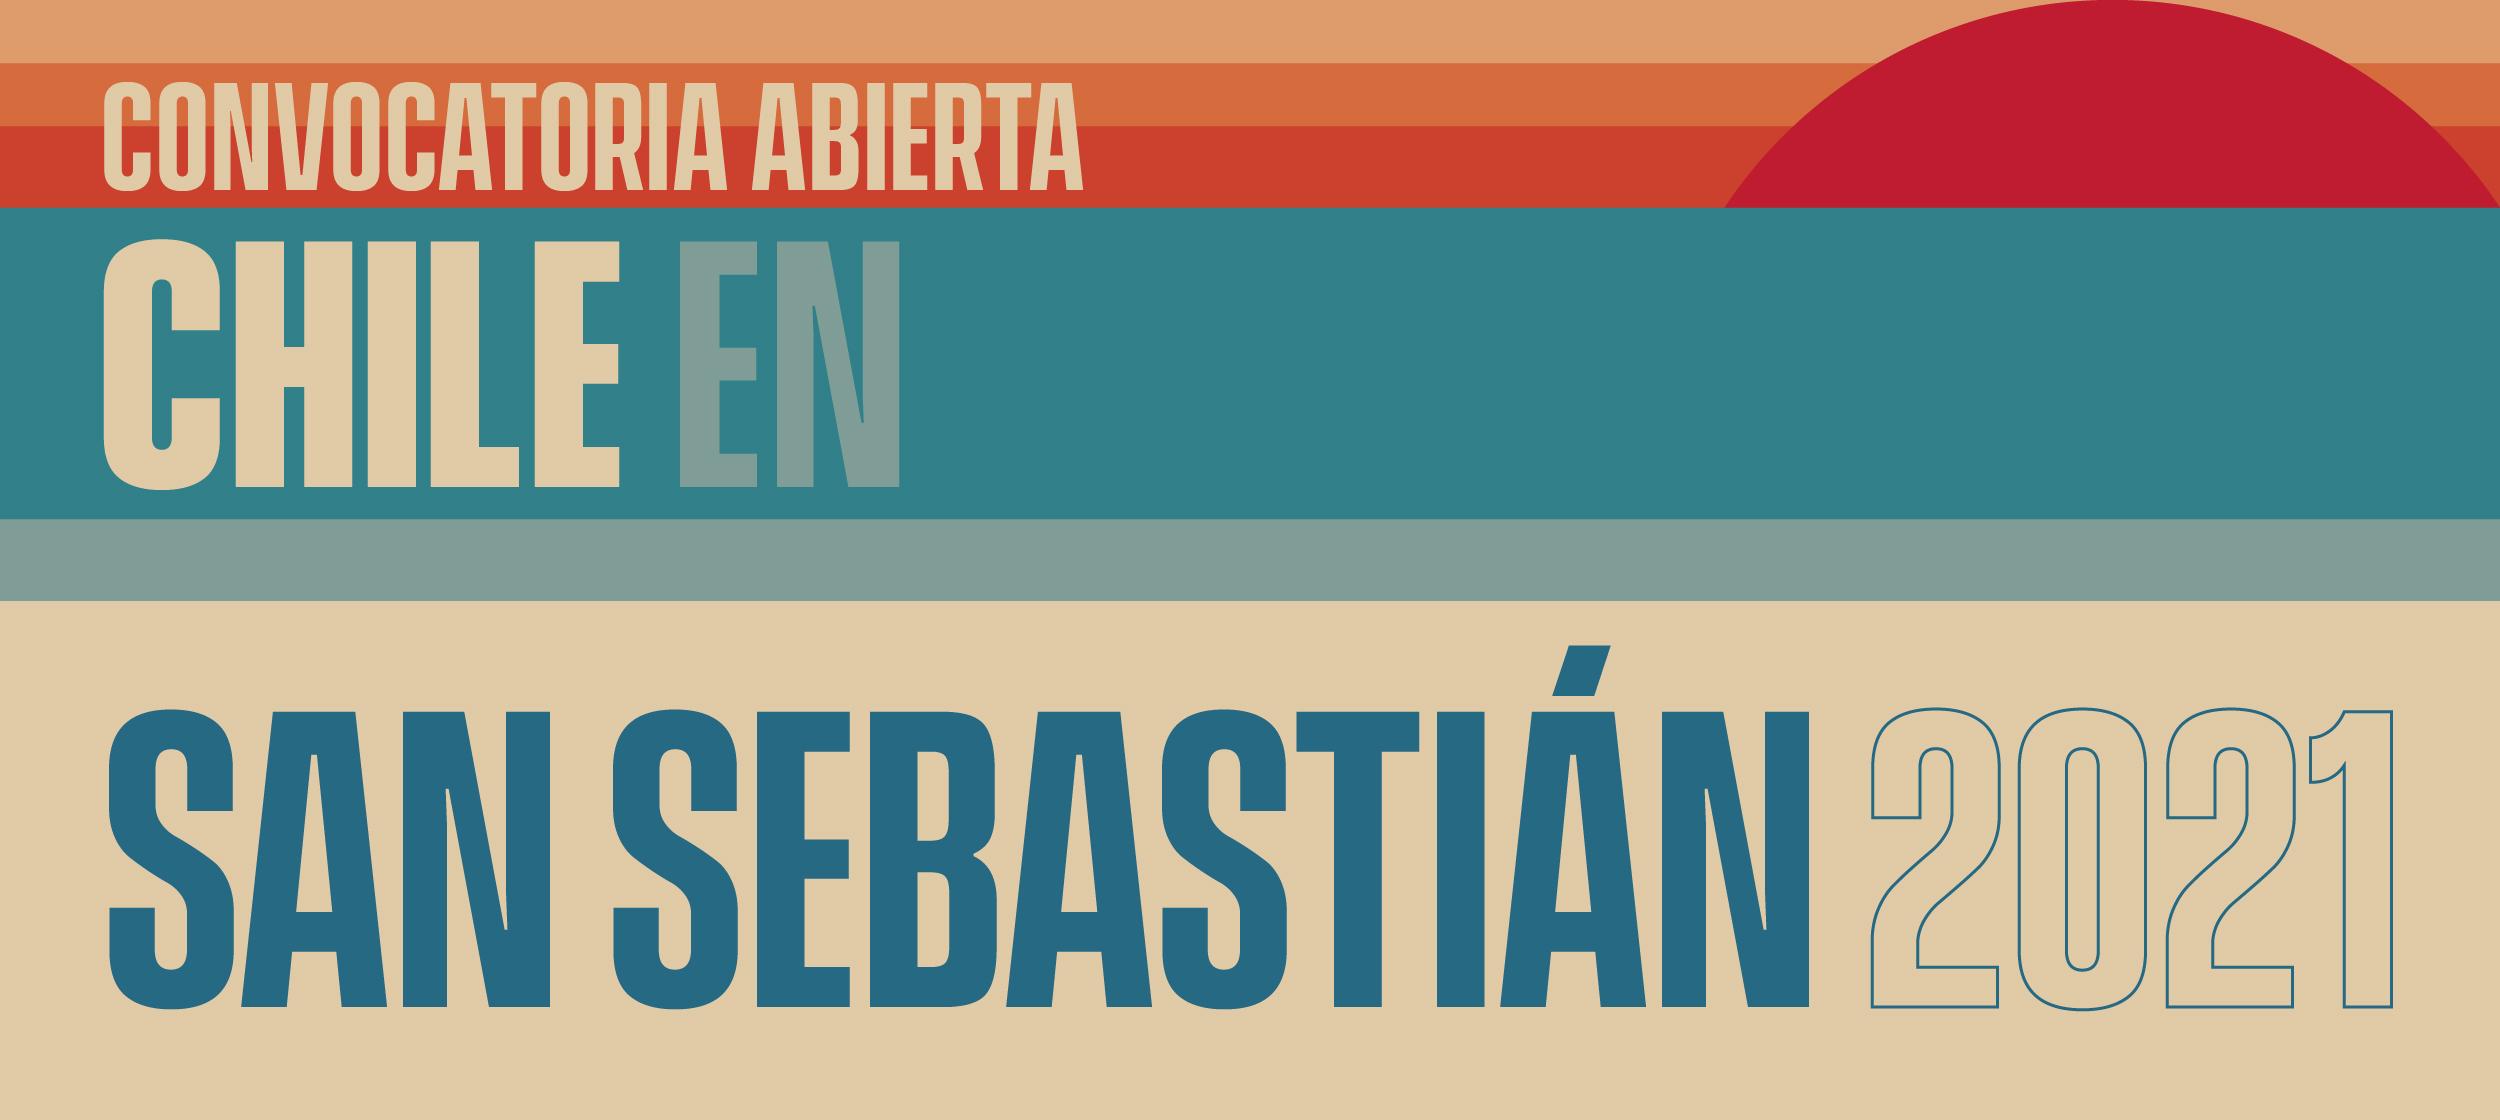 ¿Vas a asistir al Festival de San Sebastián? Avísanos y súmate a la delegación chilena